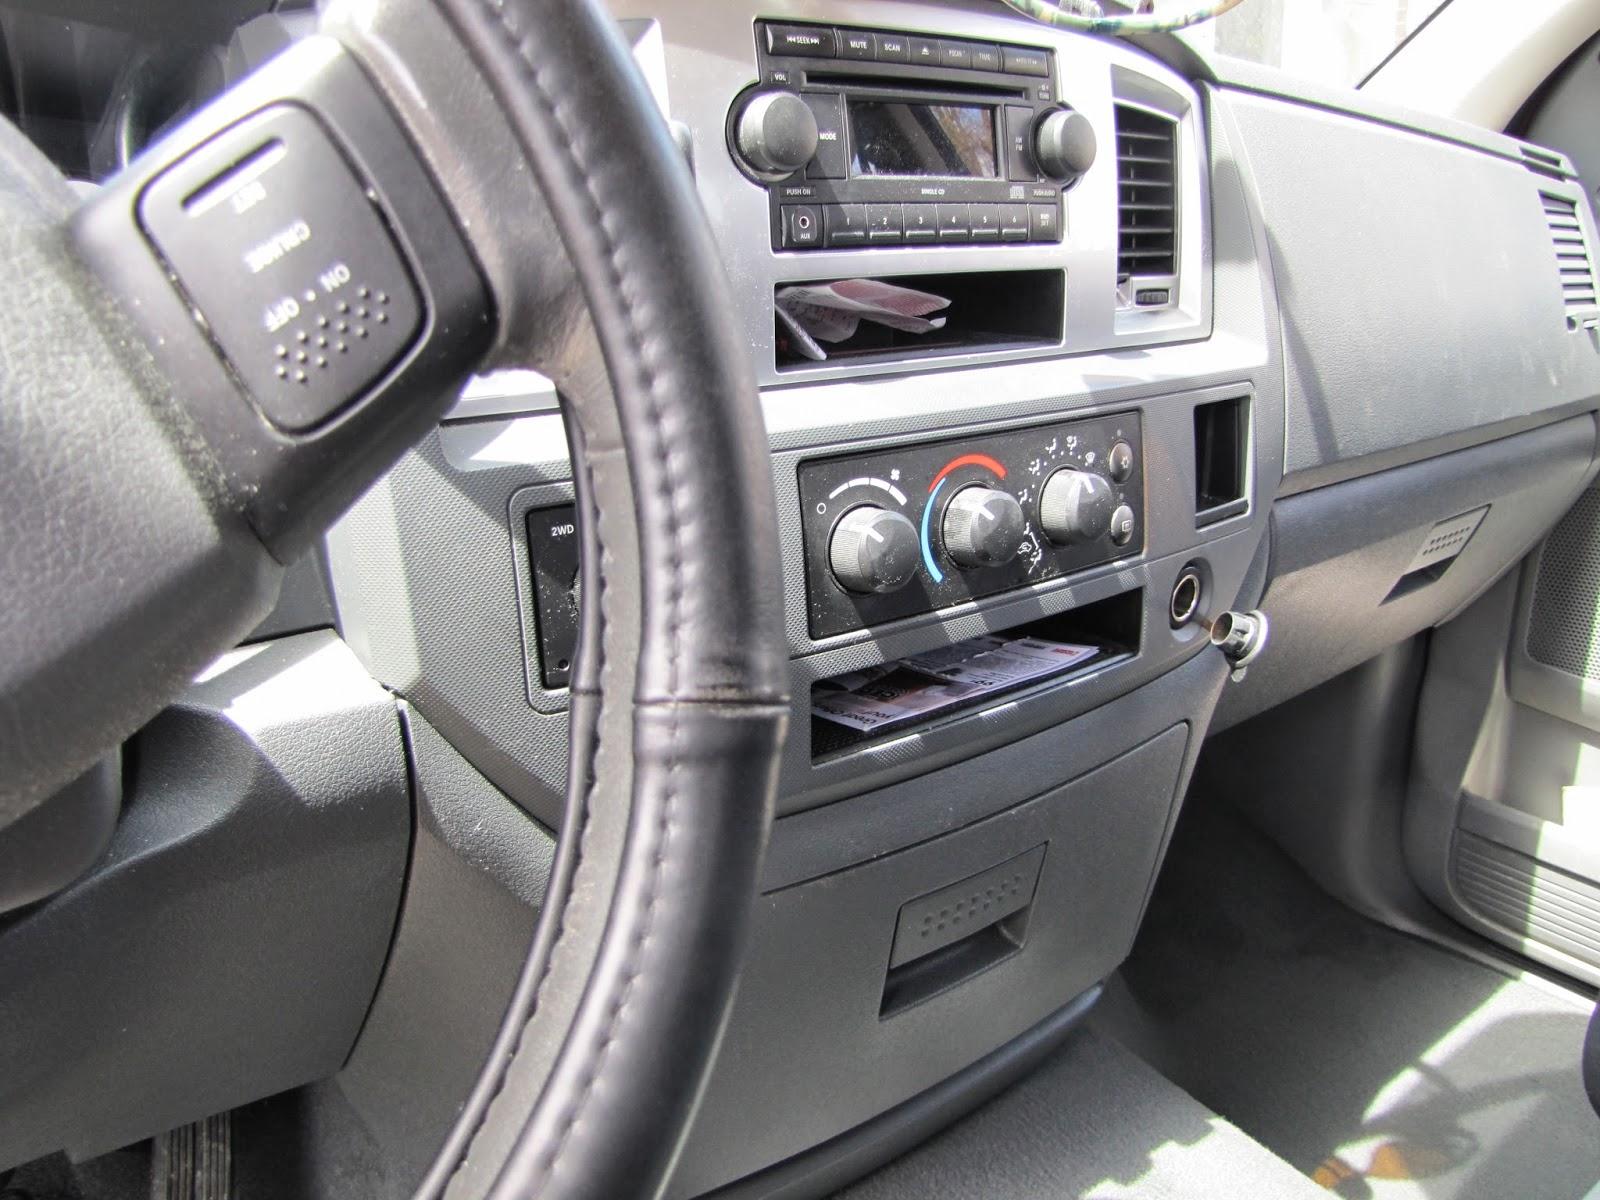 Car interior cleaner diy - Diy Car Cleaning